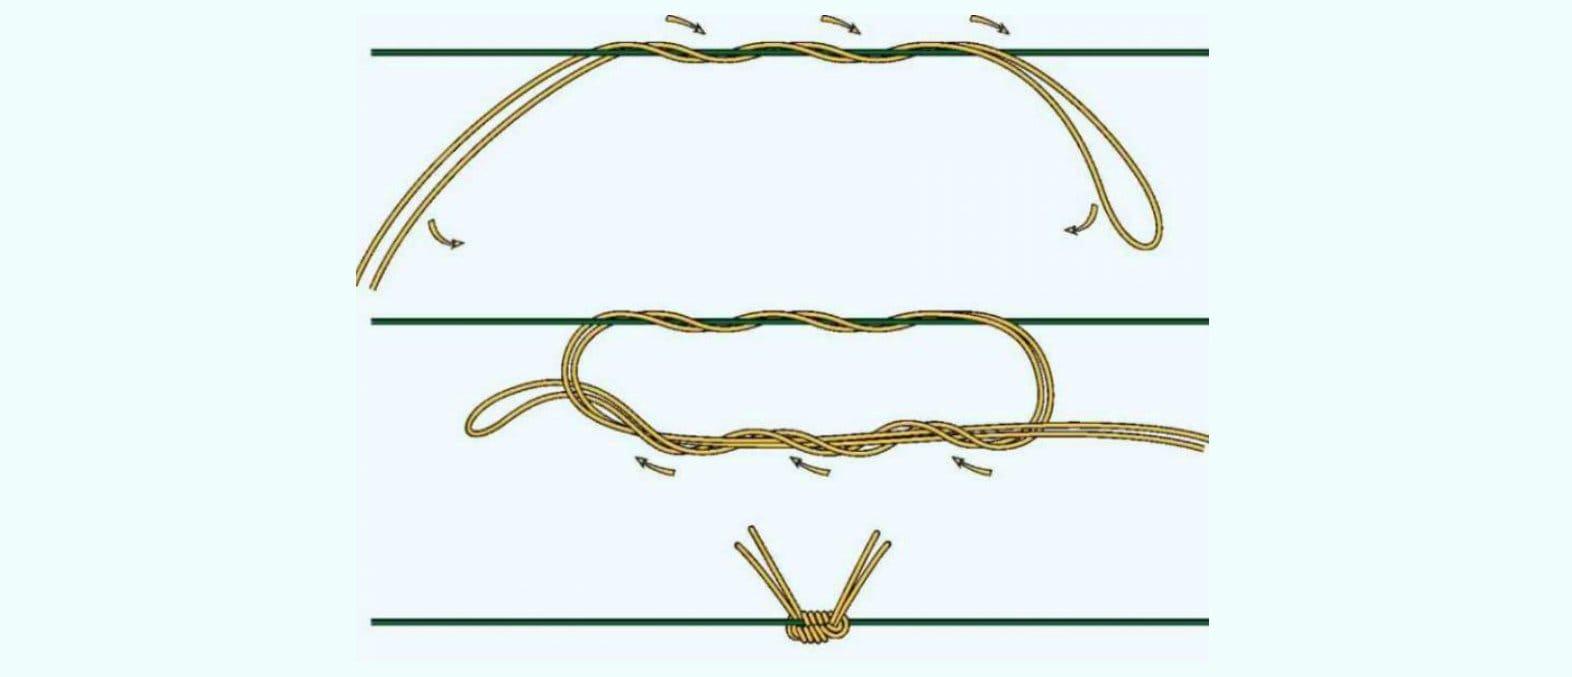 как вязать стопорный узел